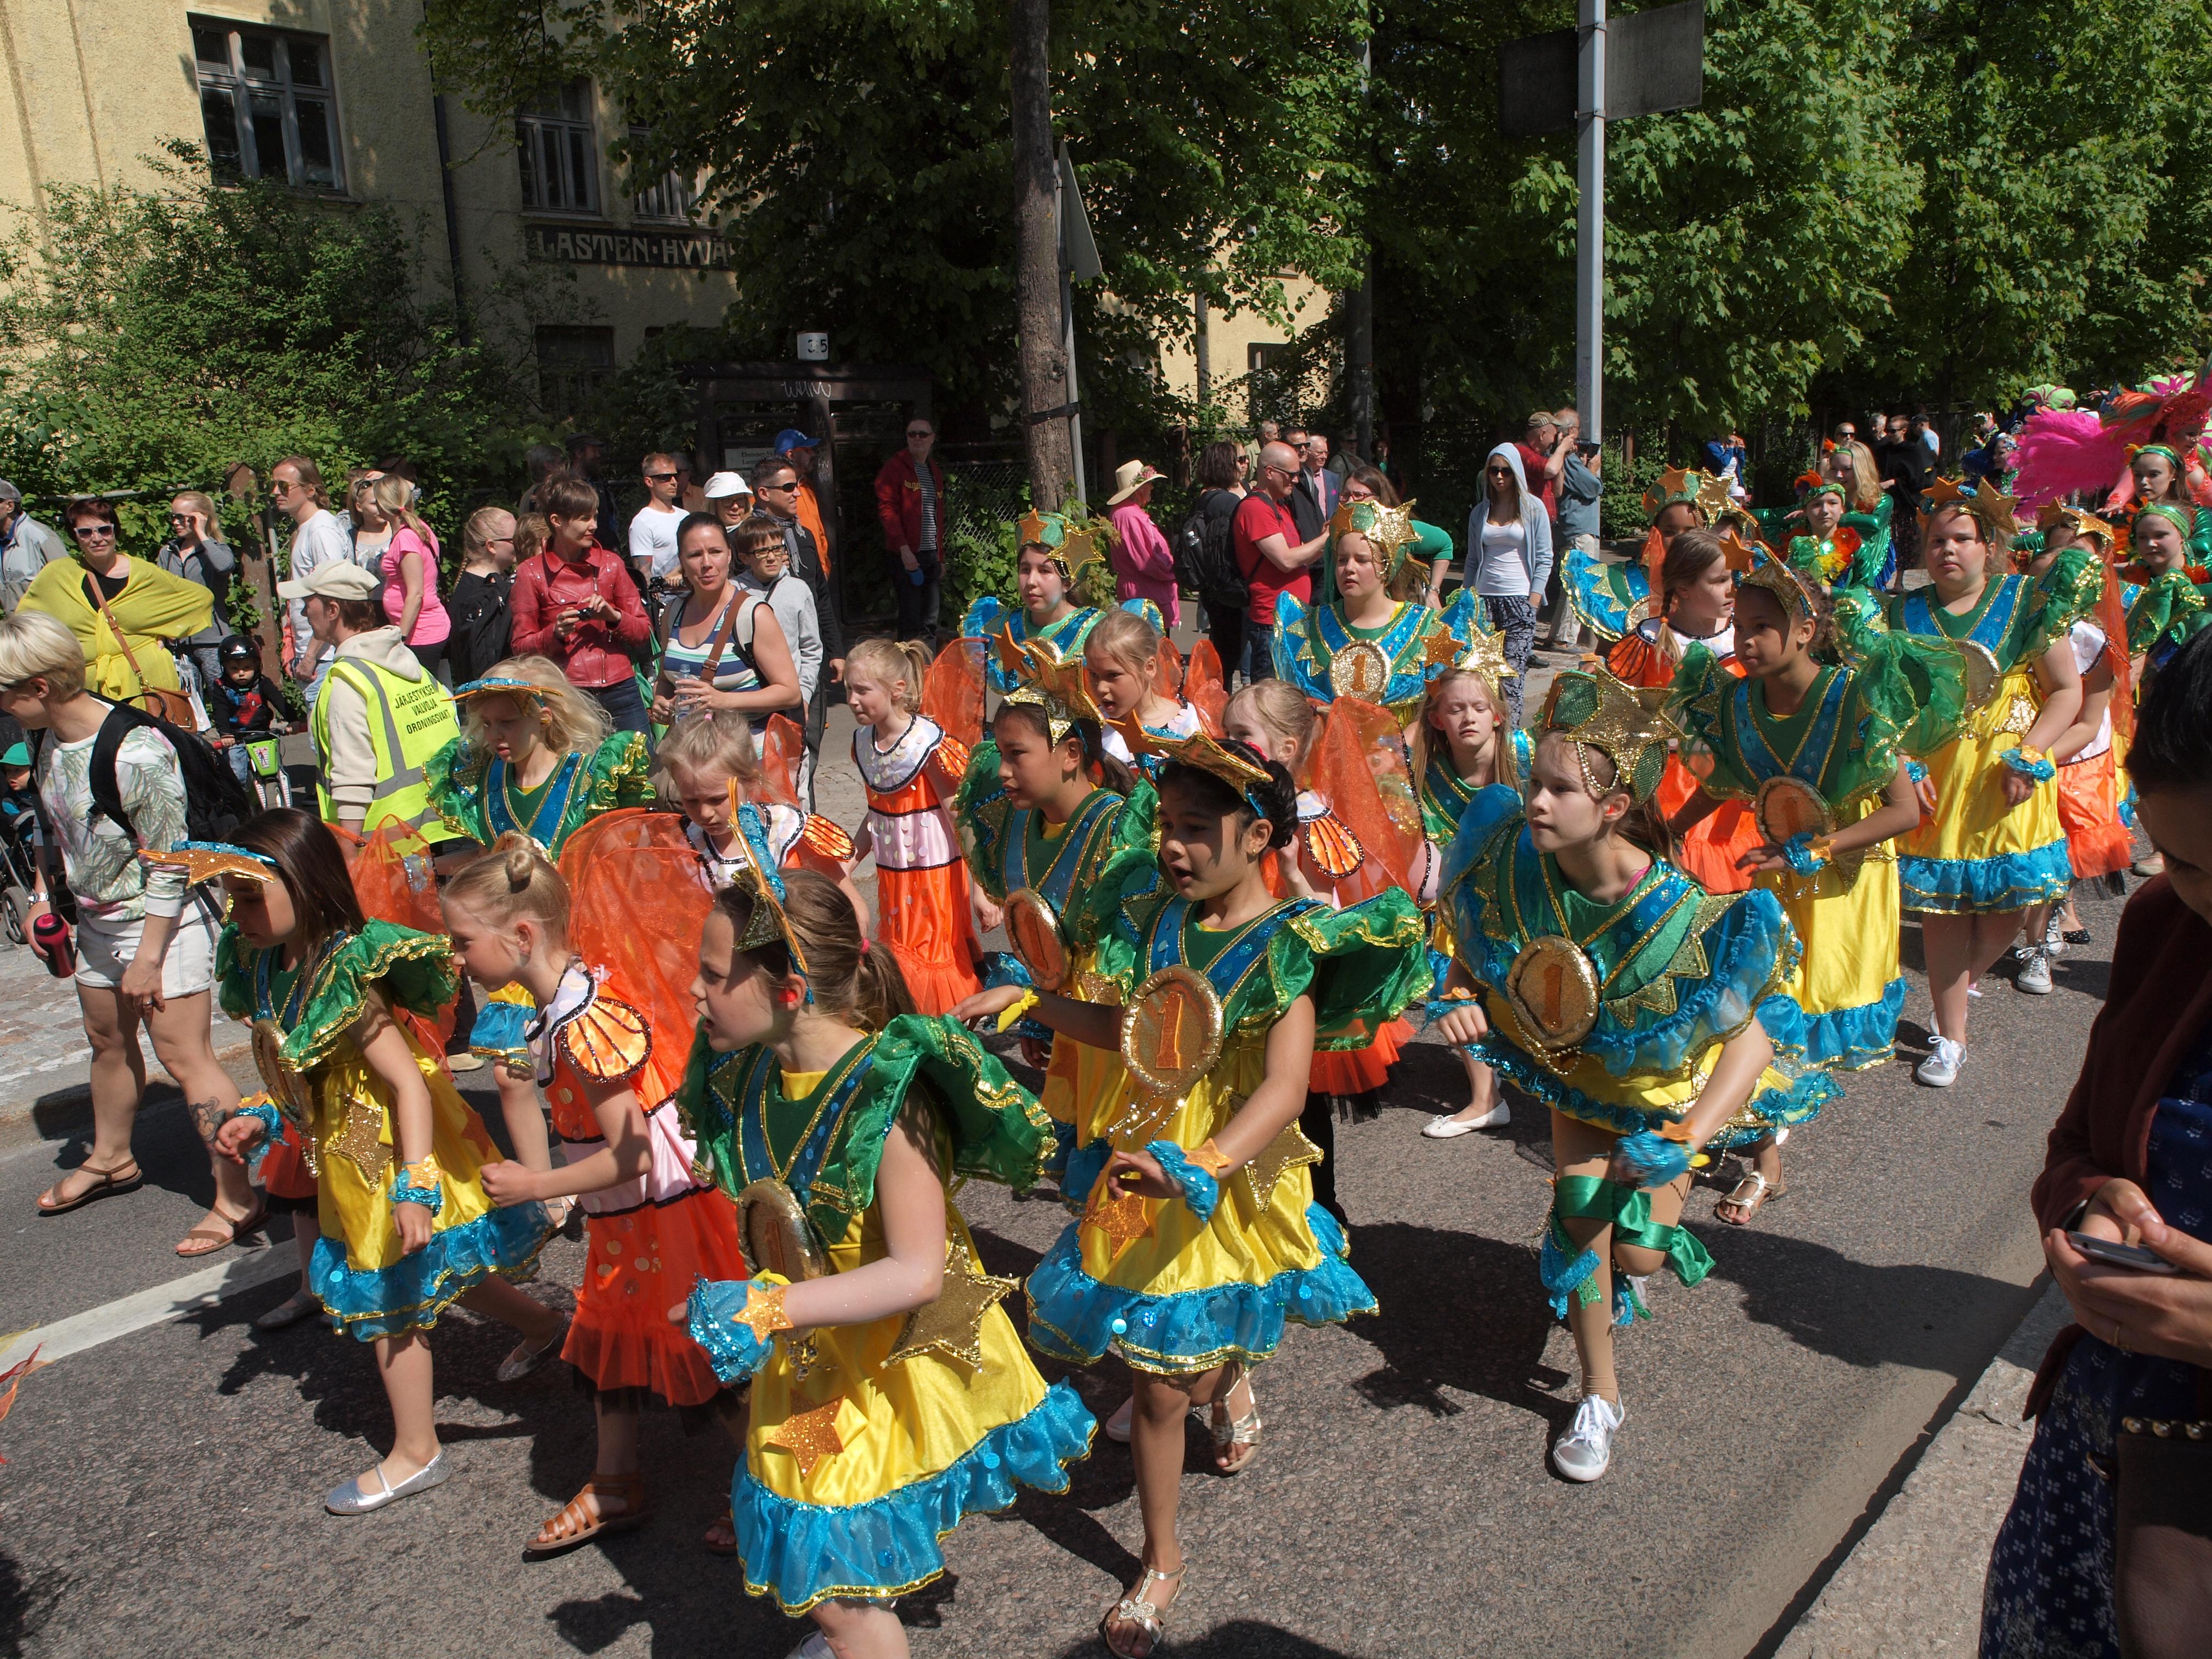 File:Little samba girls at Kallio kukkii 2016.jpg